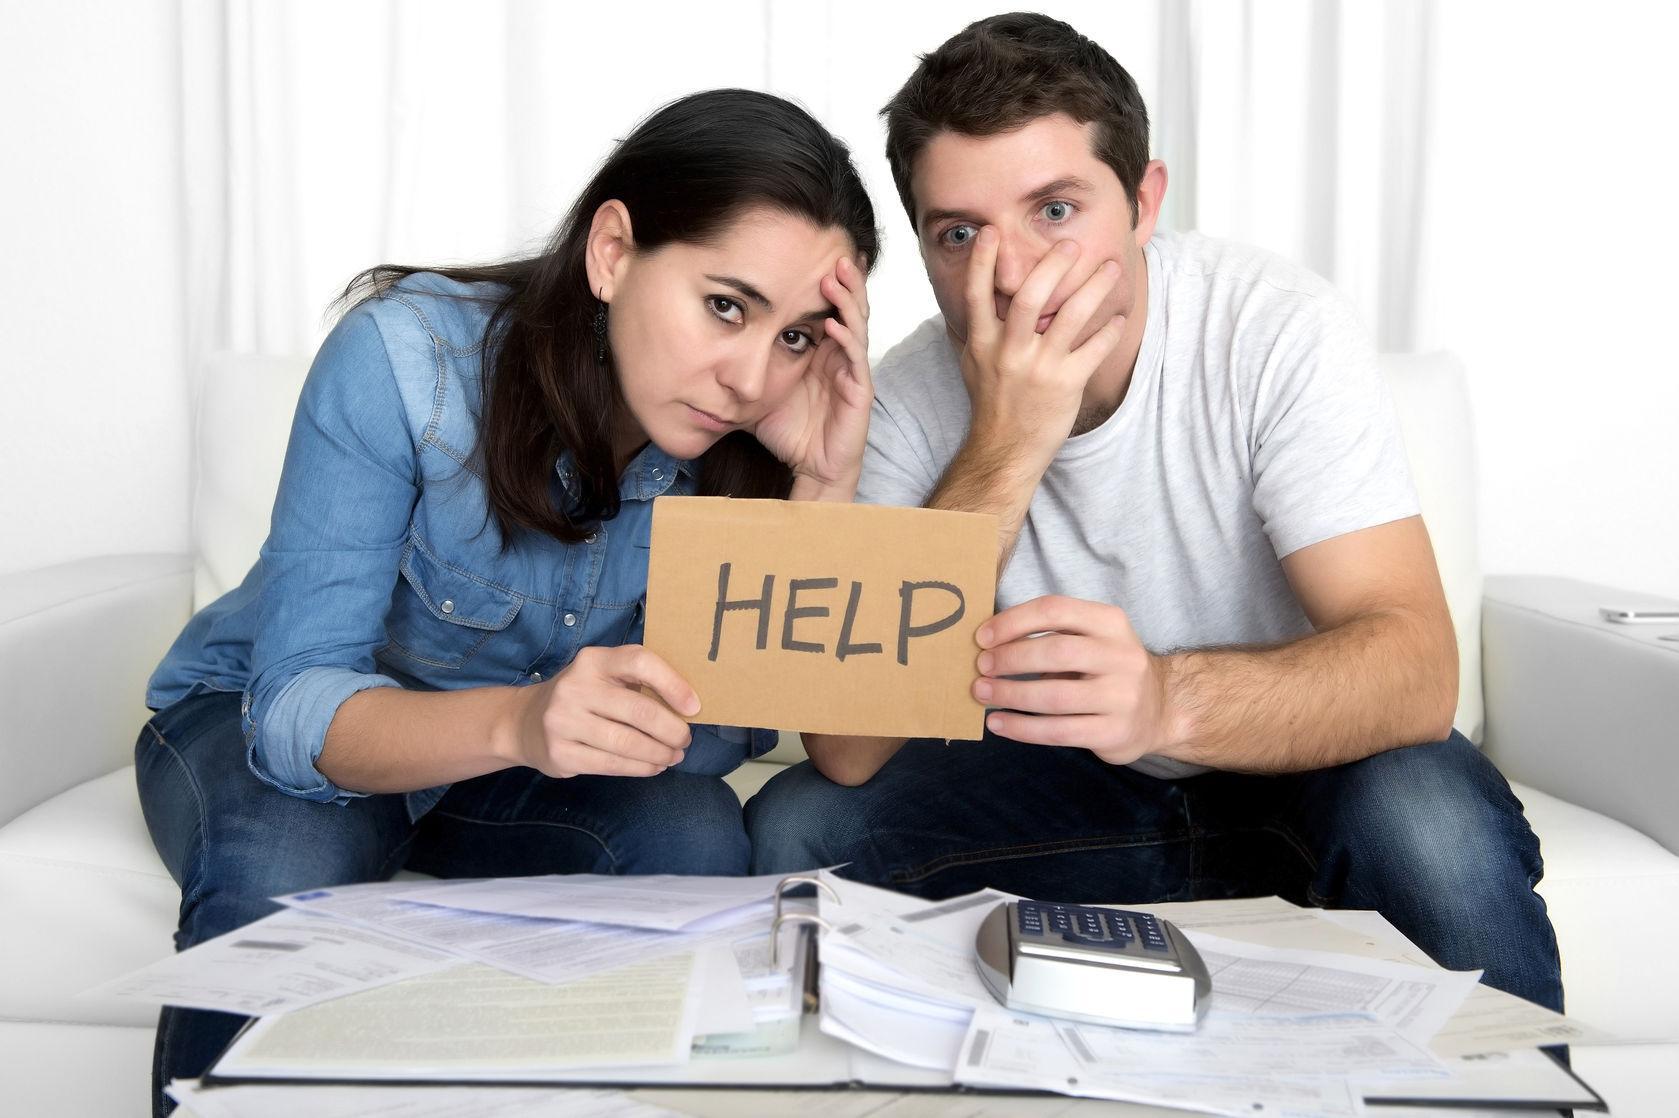 Жена брала кредит без ведома мужа